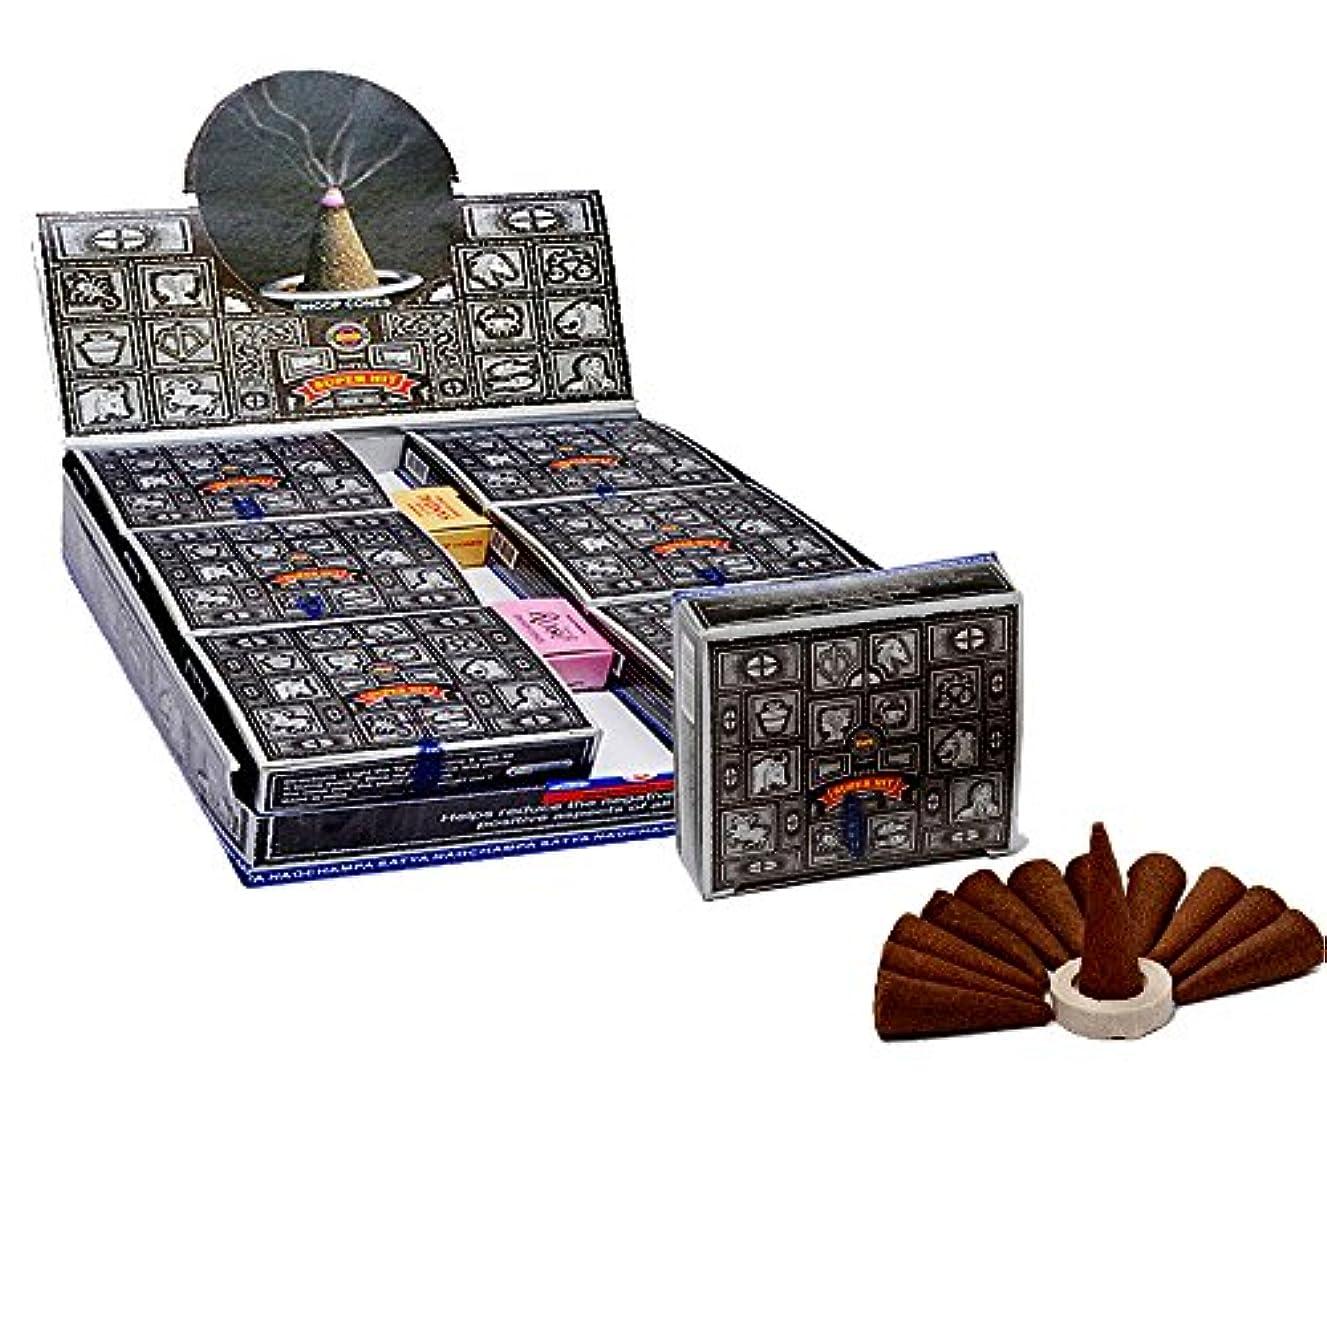 にもかかわらず憲法審判SatyaスーパーヒットTemple Incense Cones、12 Cones in aパック、12パックin aボックス